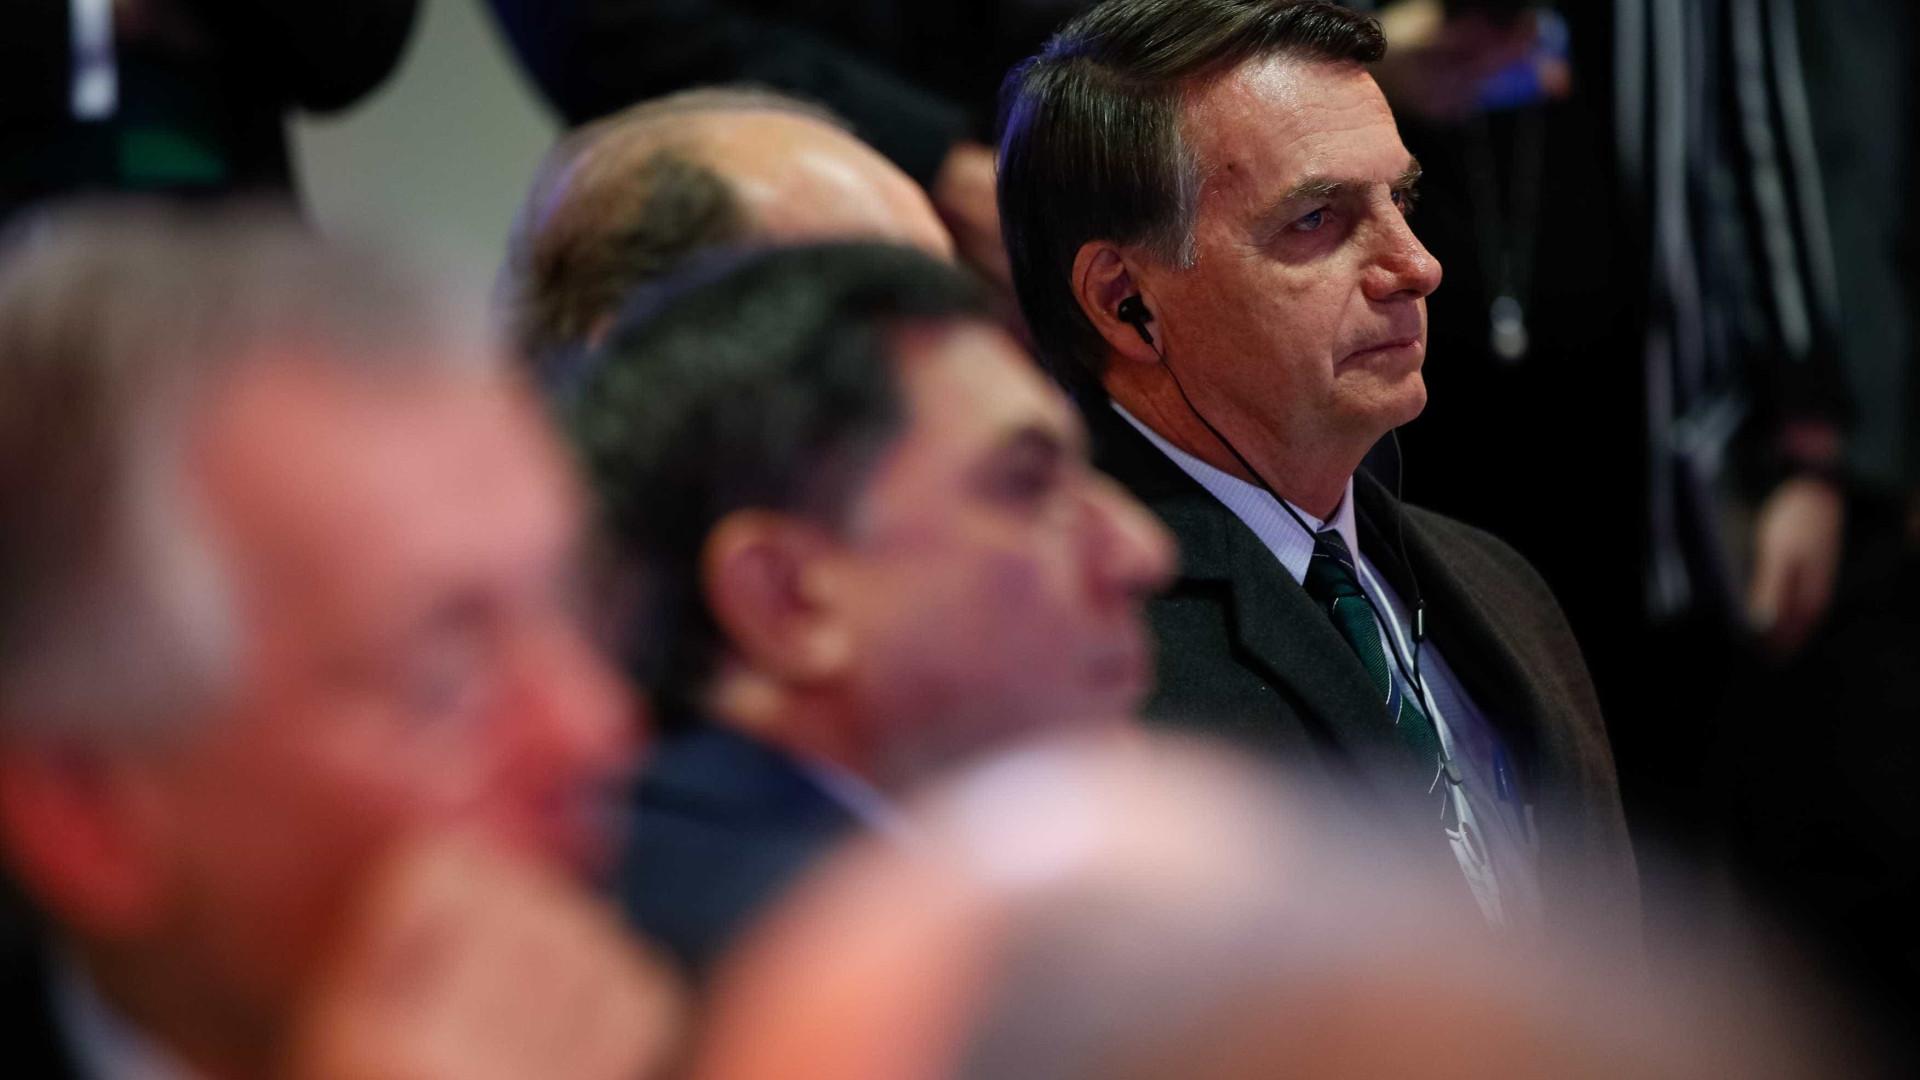 Bolsonaro, em 2005, defendeu chefe de milícia na Câmara: 'Brilhante'